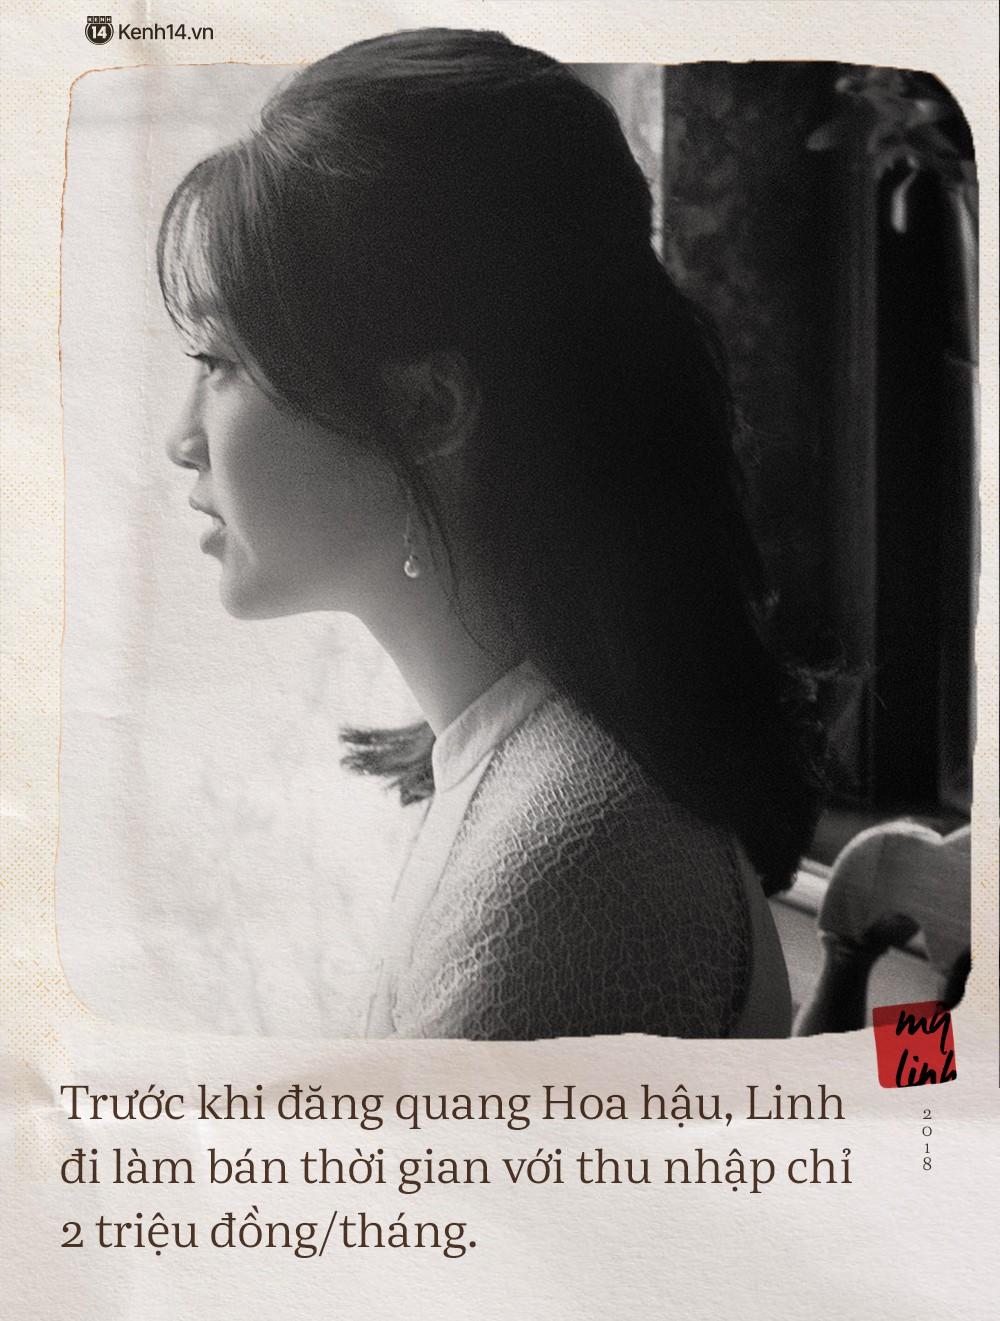 Hoa hậu Mỹ Linh kể chuyện Tết này vẫn ế, bật mí chi tiết về chuyến đi bão táp sang Trung Quốc cổ vũ U23 Việt Nam - Ảnh 4.